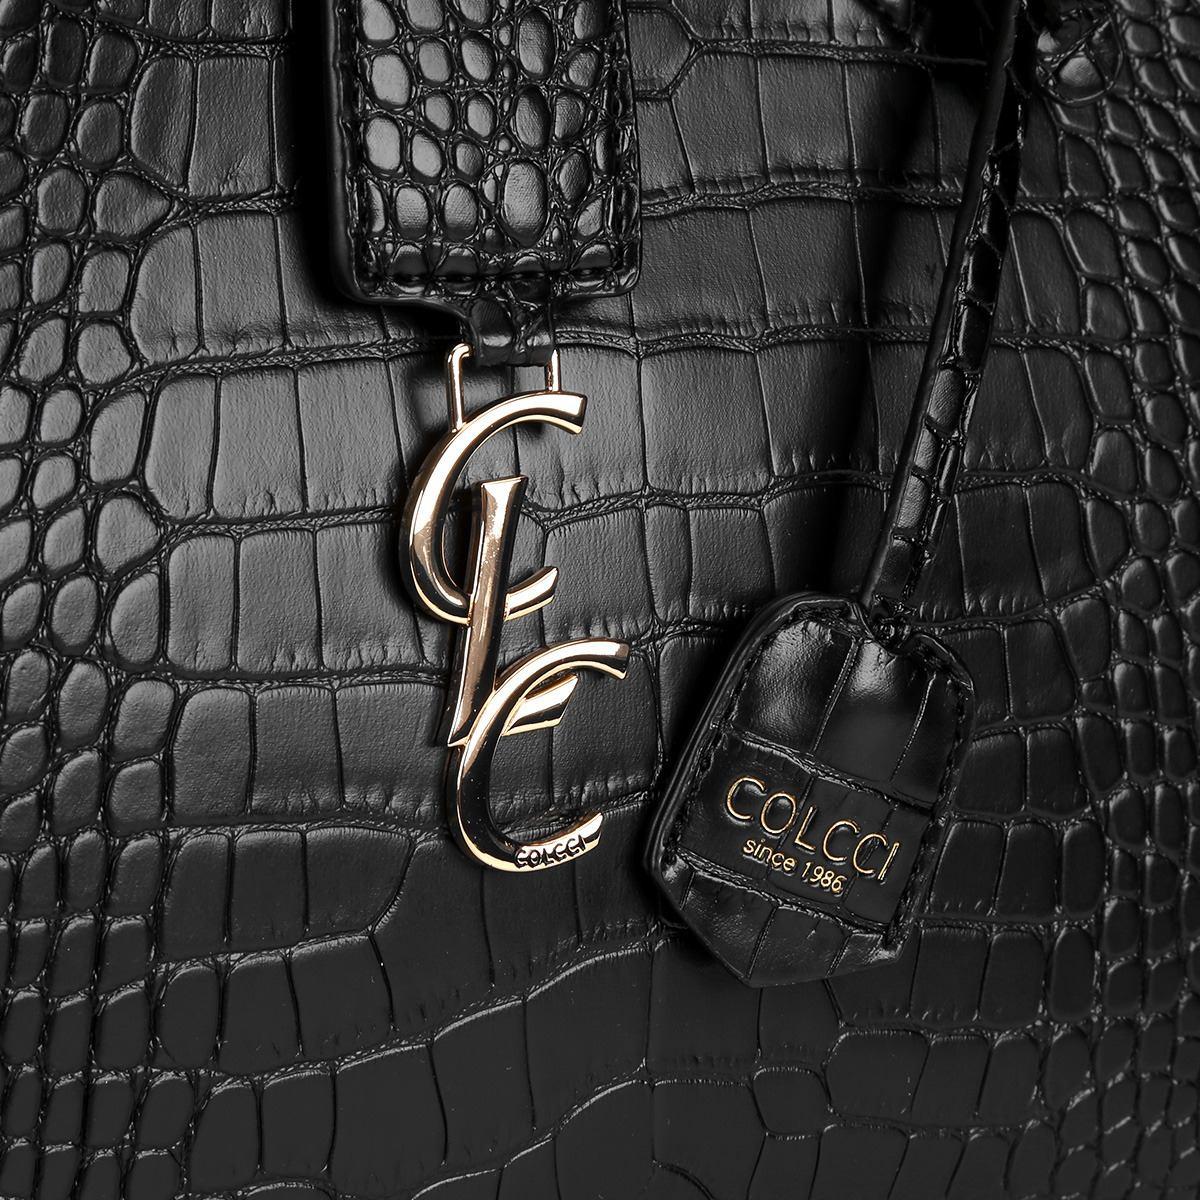 7163920d7 Bolsa Colcci Baú Textura Croco Chaveiro - R$ 599,00 em Mercado Livre